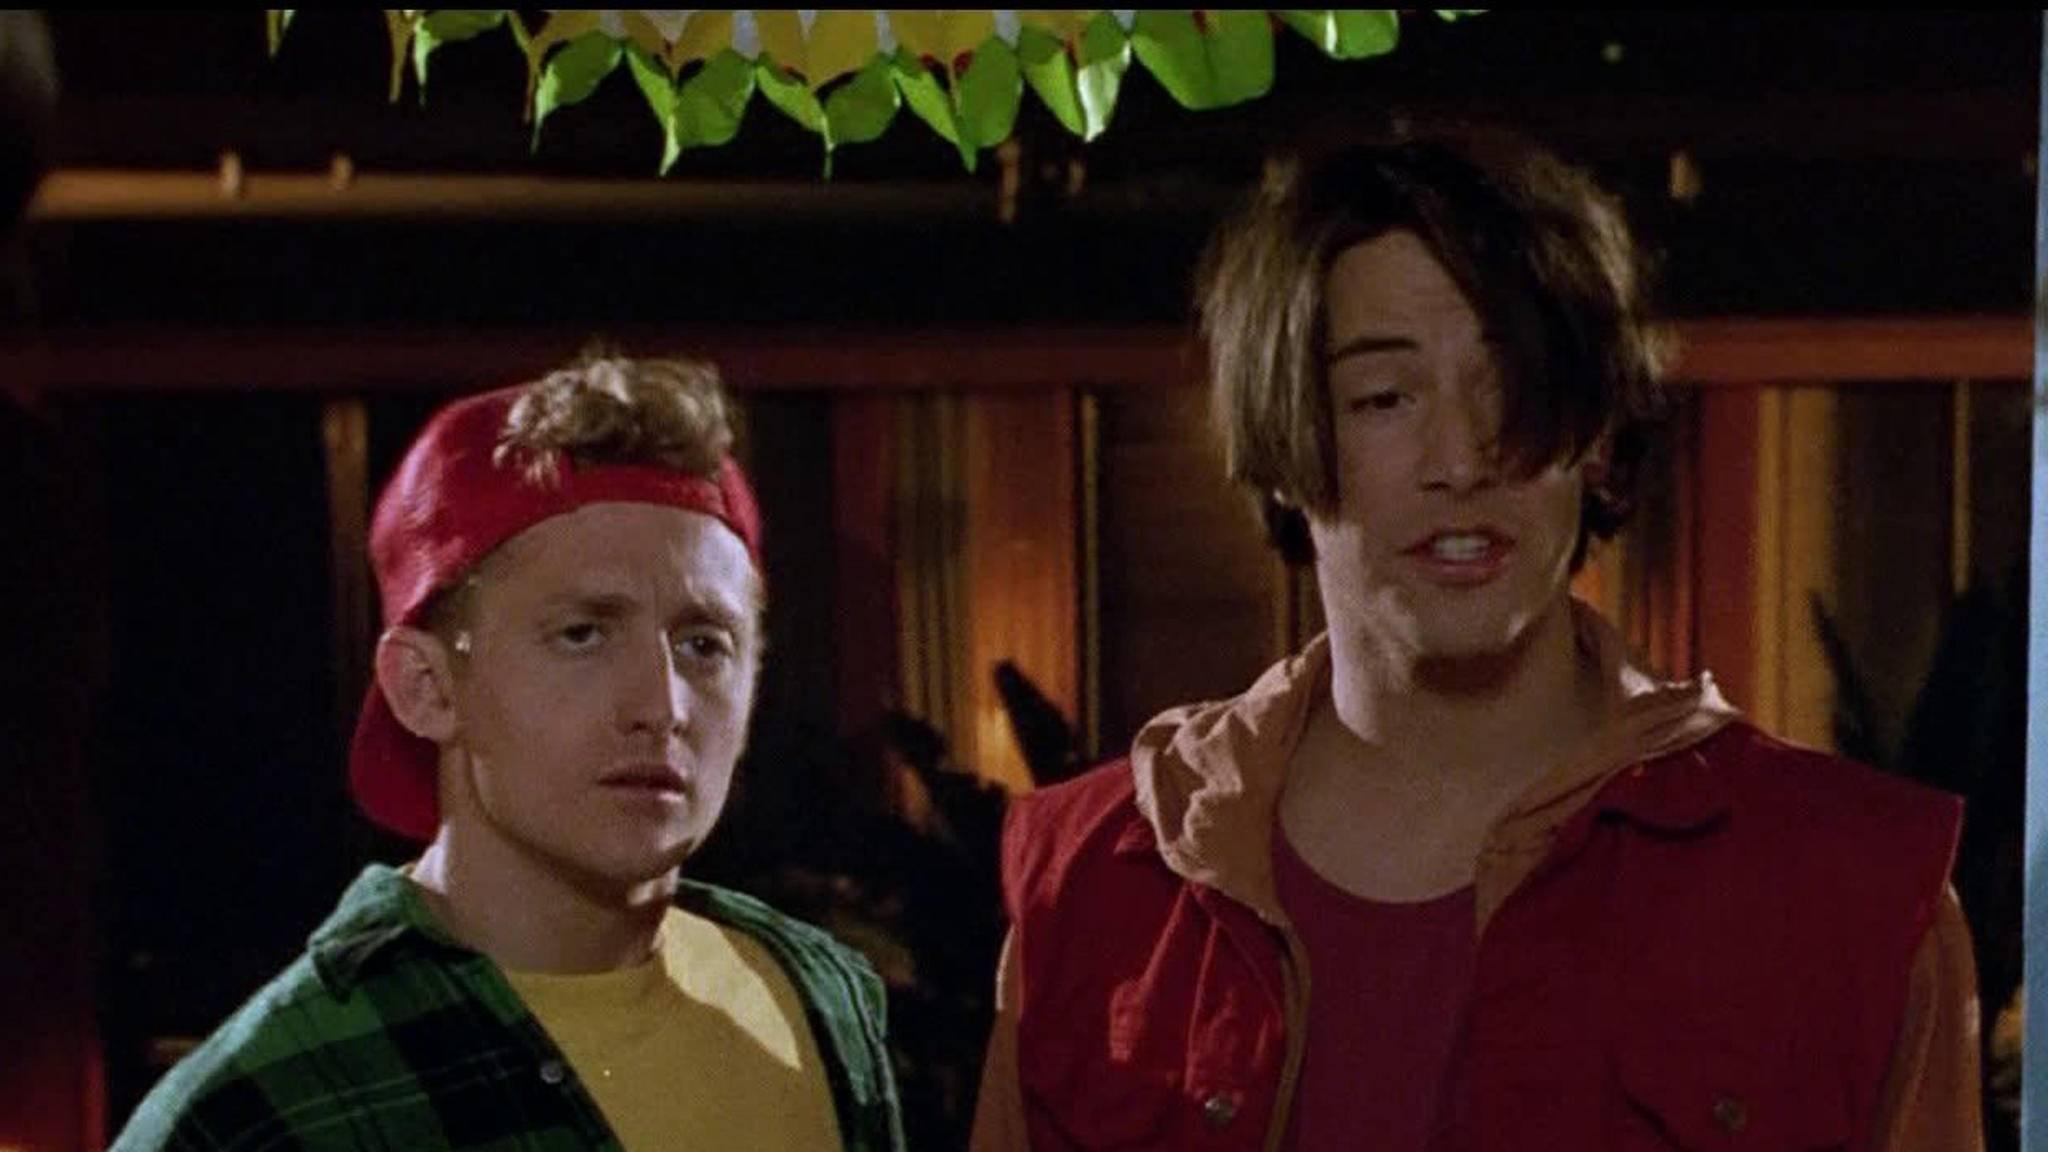 Auf in ein neues Abenteuer: Bill (Alex Winter) und Ted (Keanu Reeves) reisen bald wieder durch die Zeit.